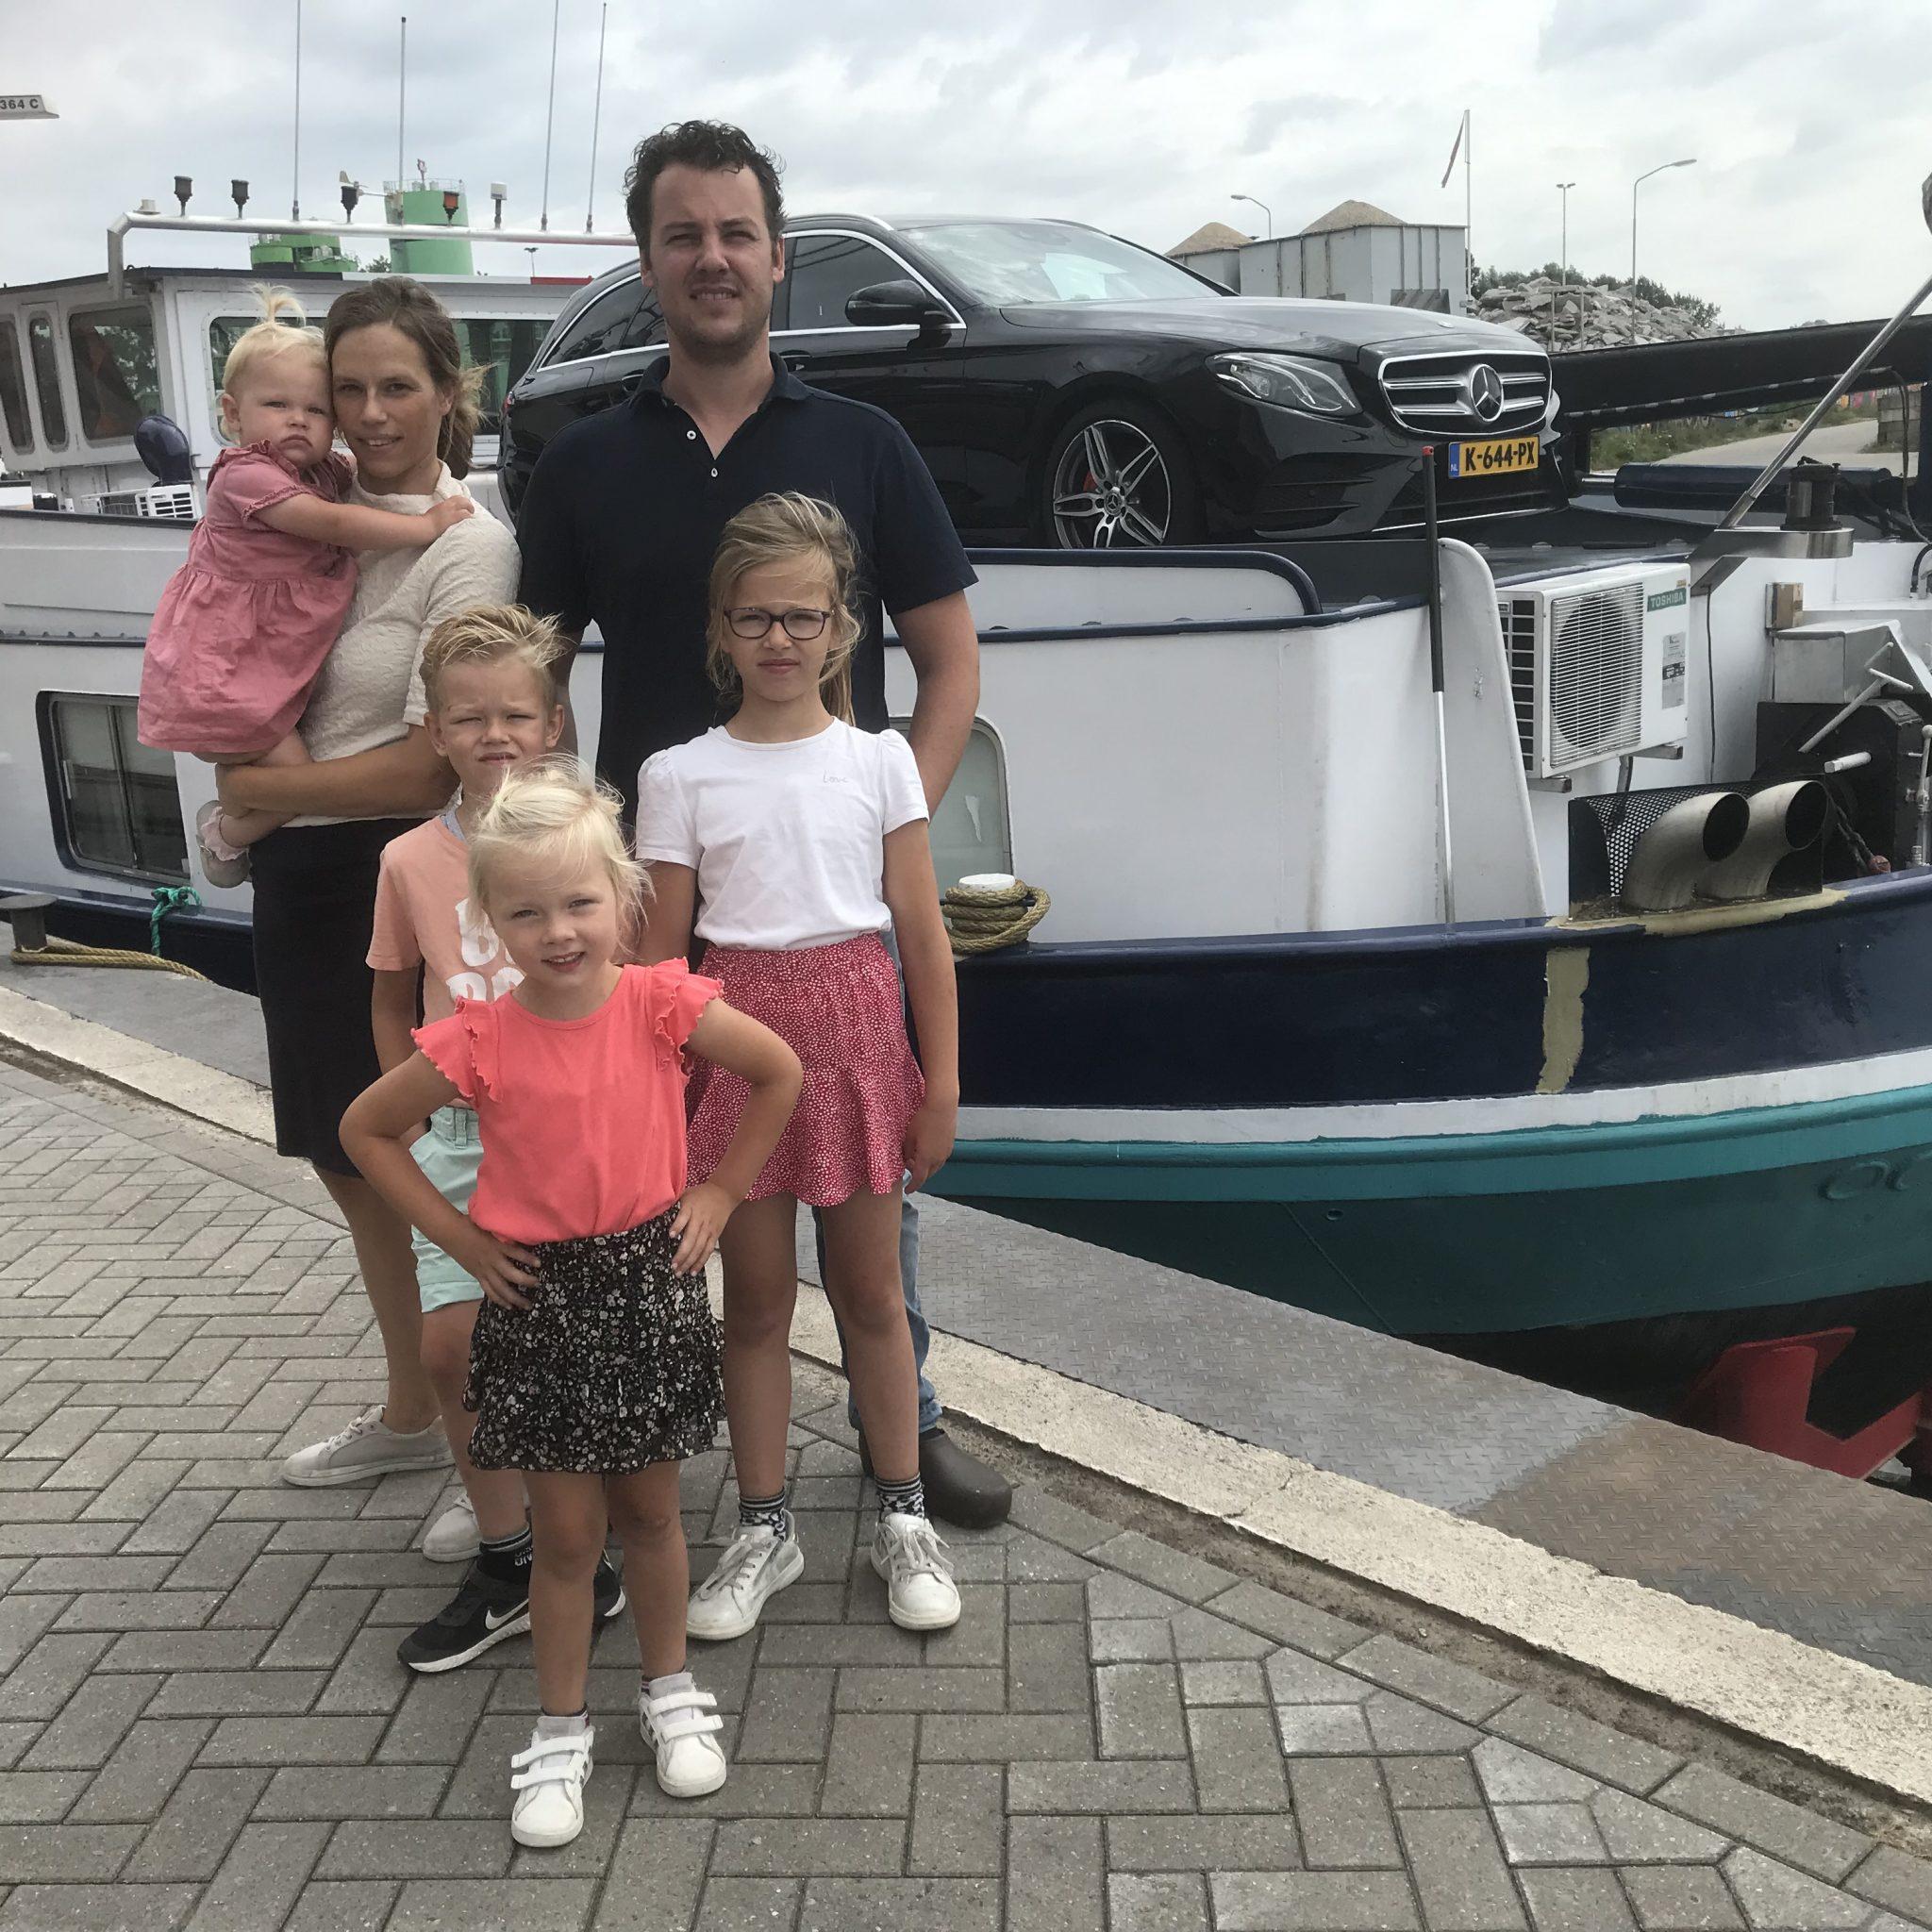 Op de foto Adriana met op haar arm dochter Elana, naast haar schipper Jochem met dochter Naomi. Tussen hen in zoon Arie en vooraan dochter Rachel.